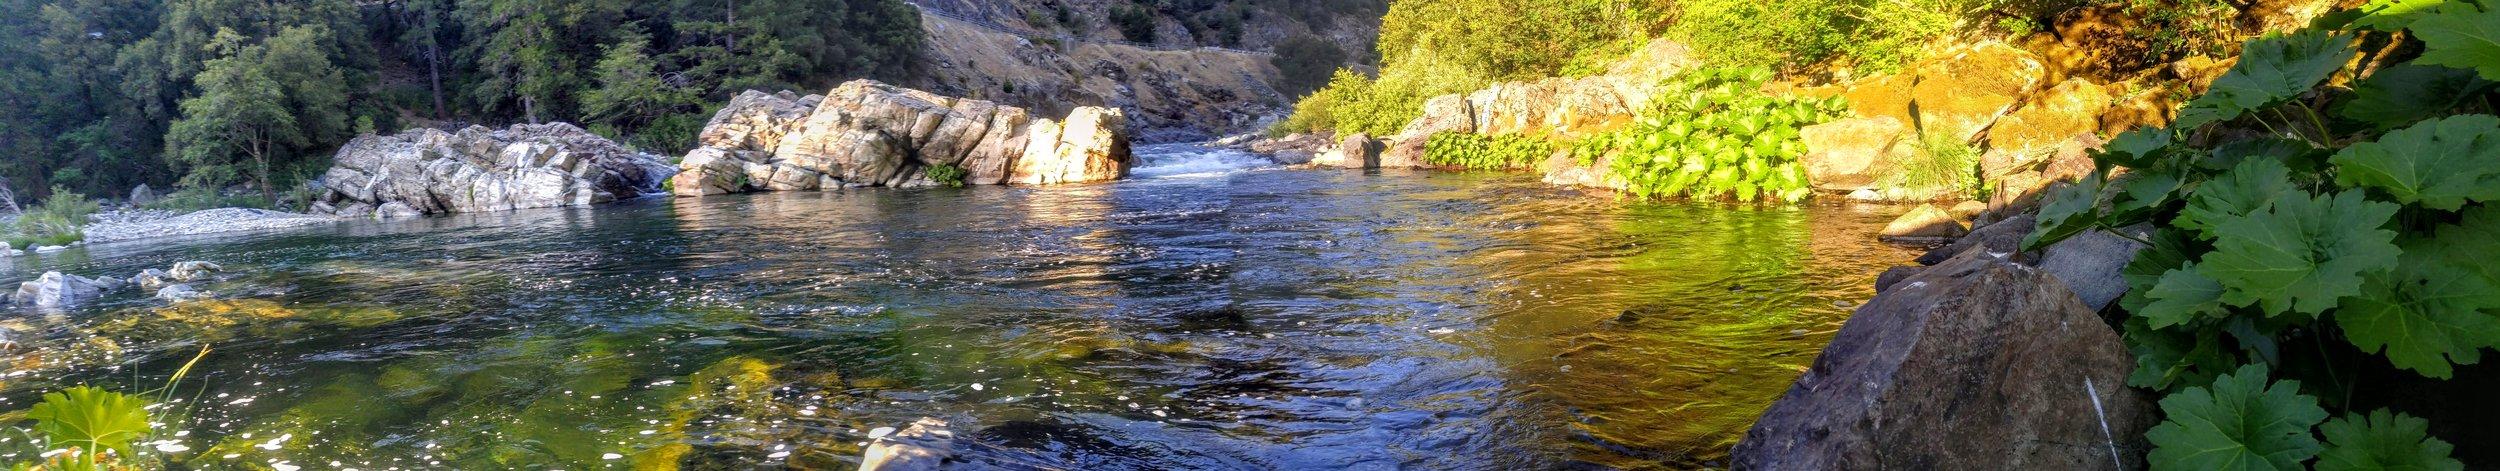 Sierra Gartersnake habitat.